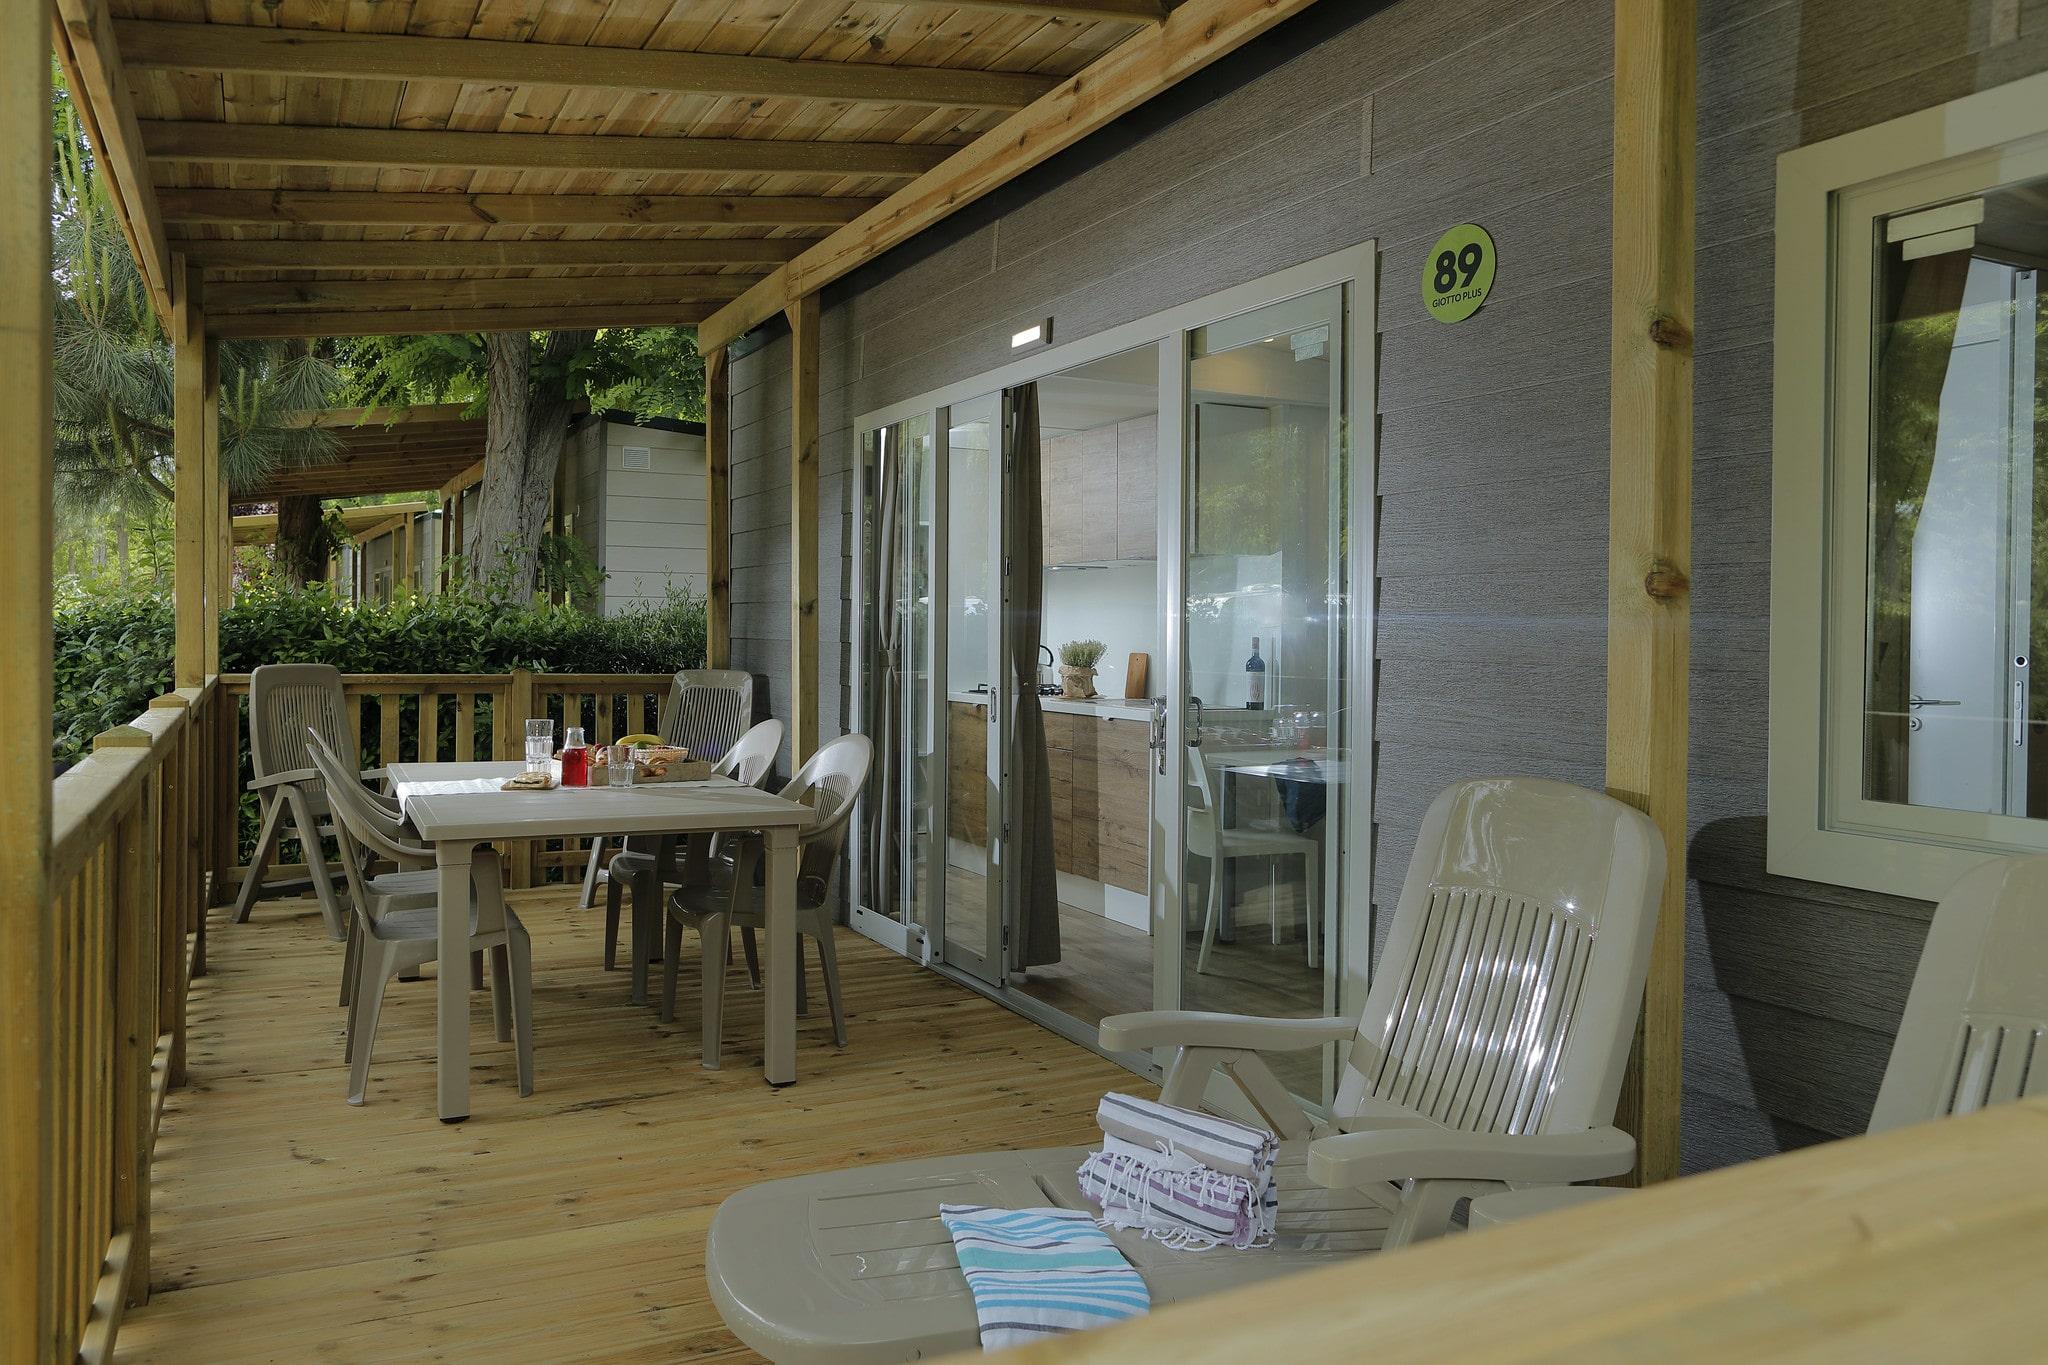 Veranda con sdraio e tavolo esterno nel verde